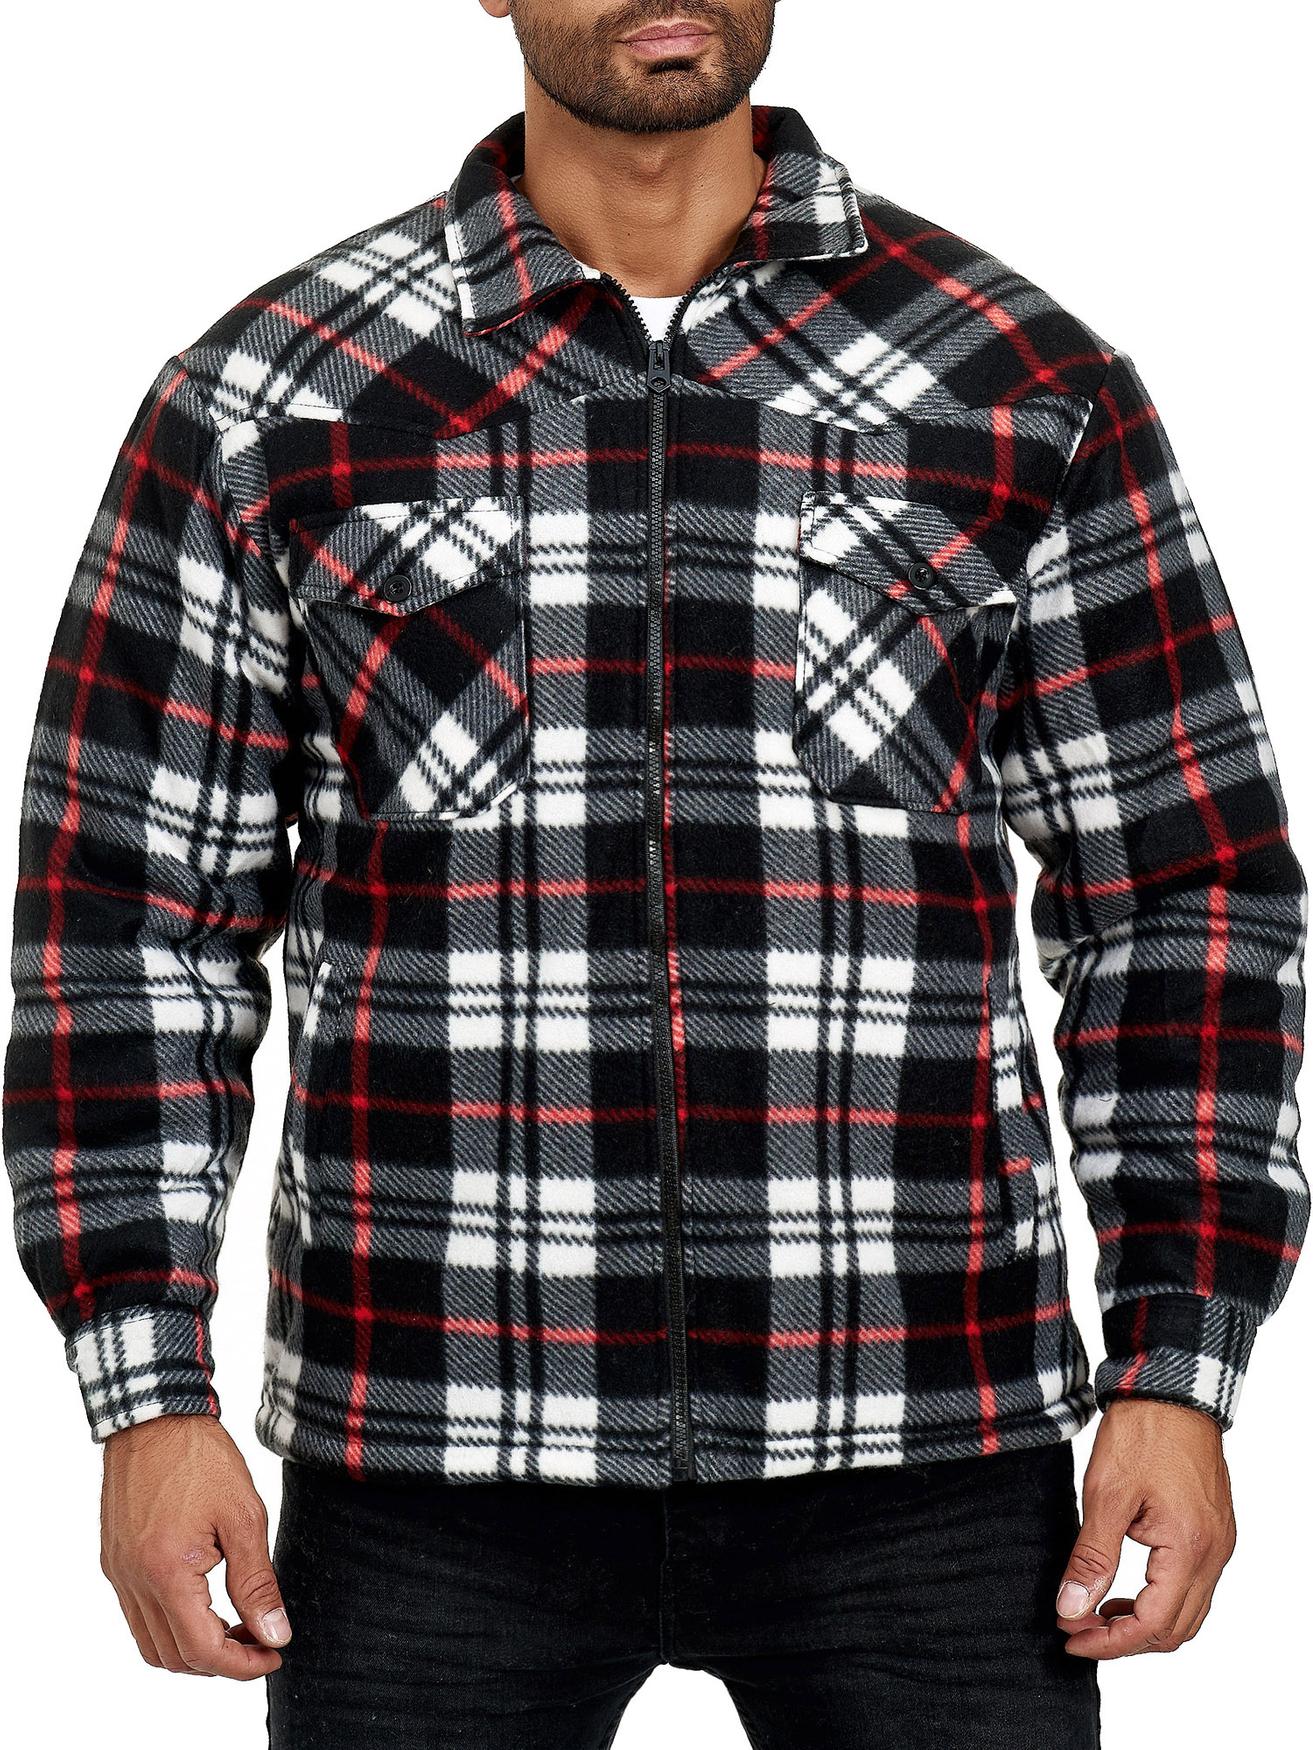 Details zu Herren Holzfäller Hemd Kariert Thermo Gefüttert Jacke Flanell Fleece Sweat Shirt